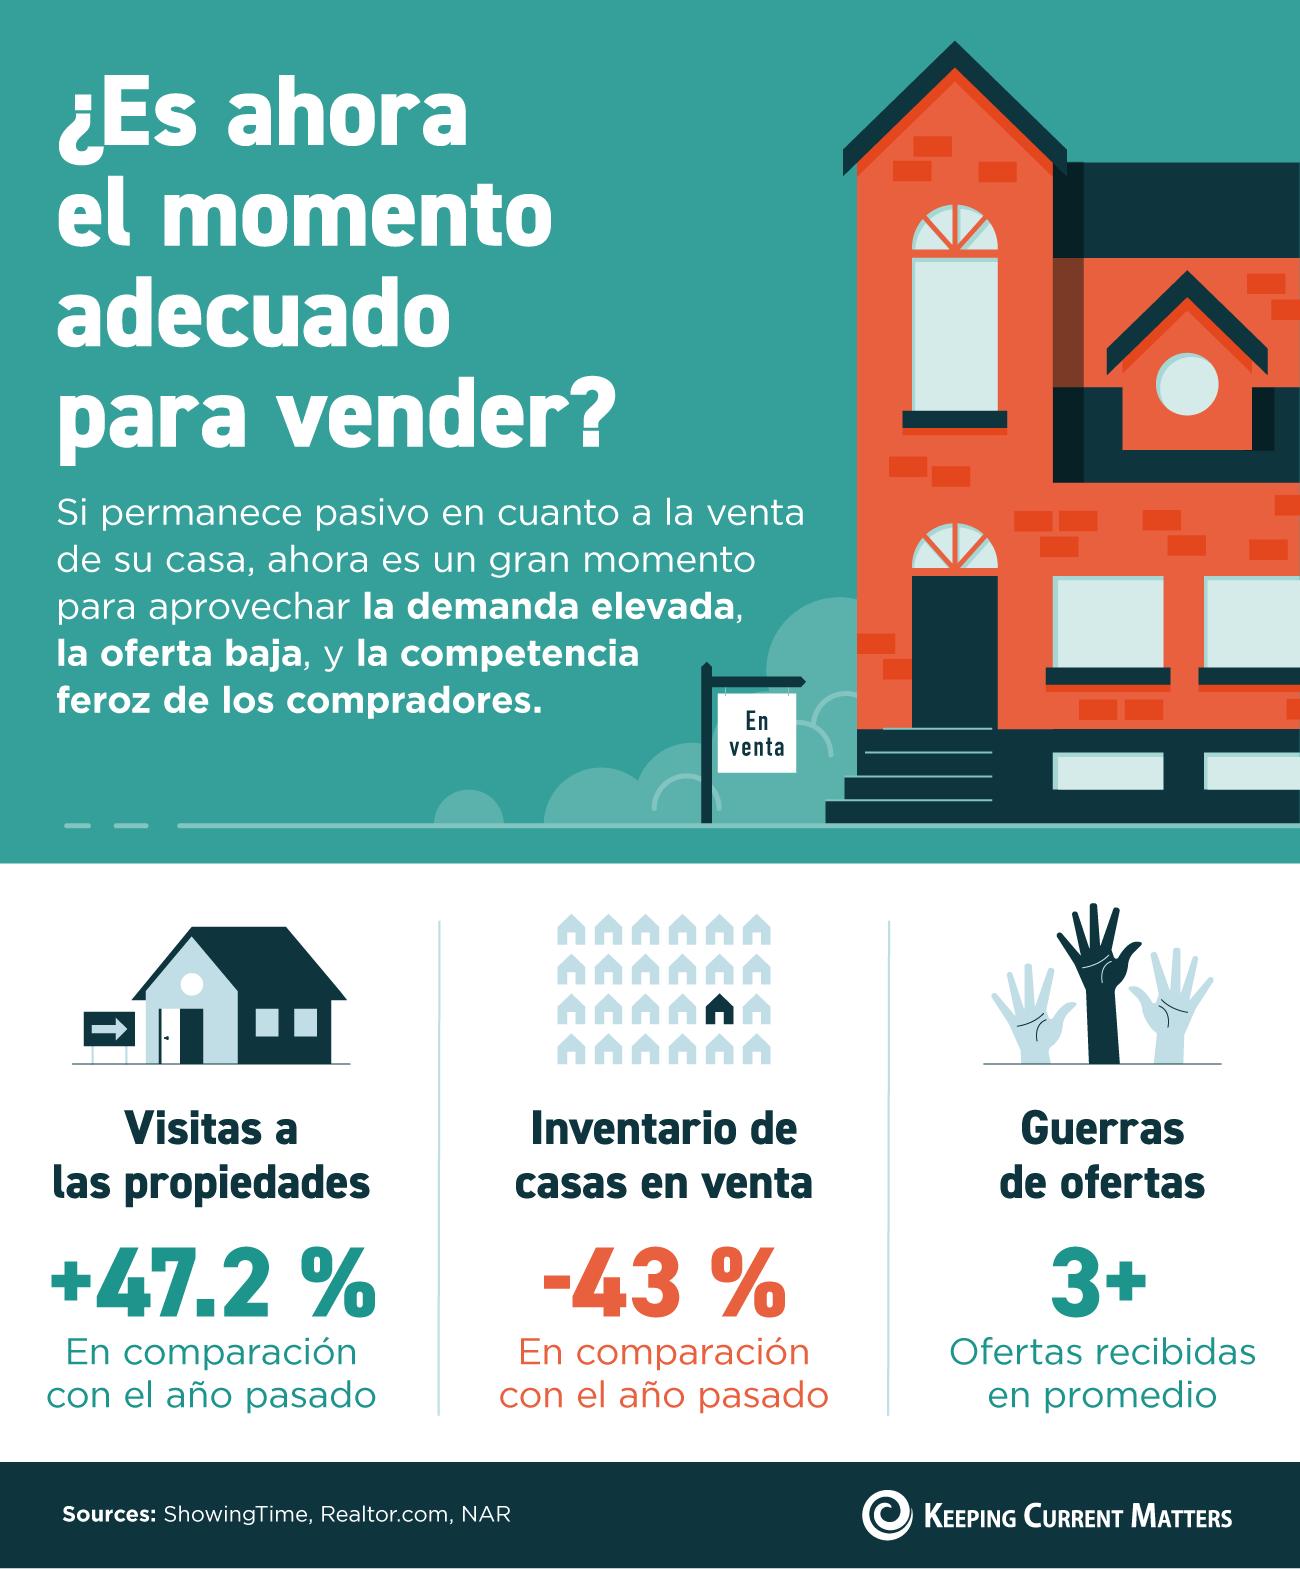 ¿Es ahora el momento adecuado para vender? [infografía] | Keeping Current Matters